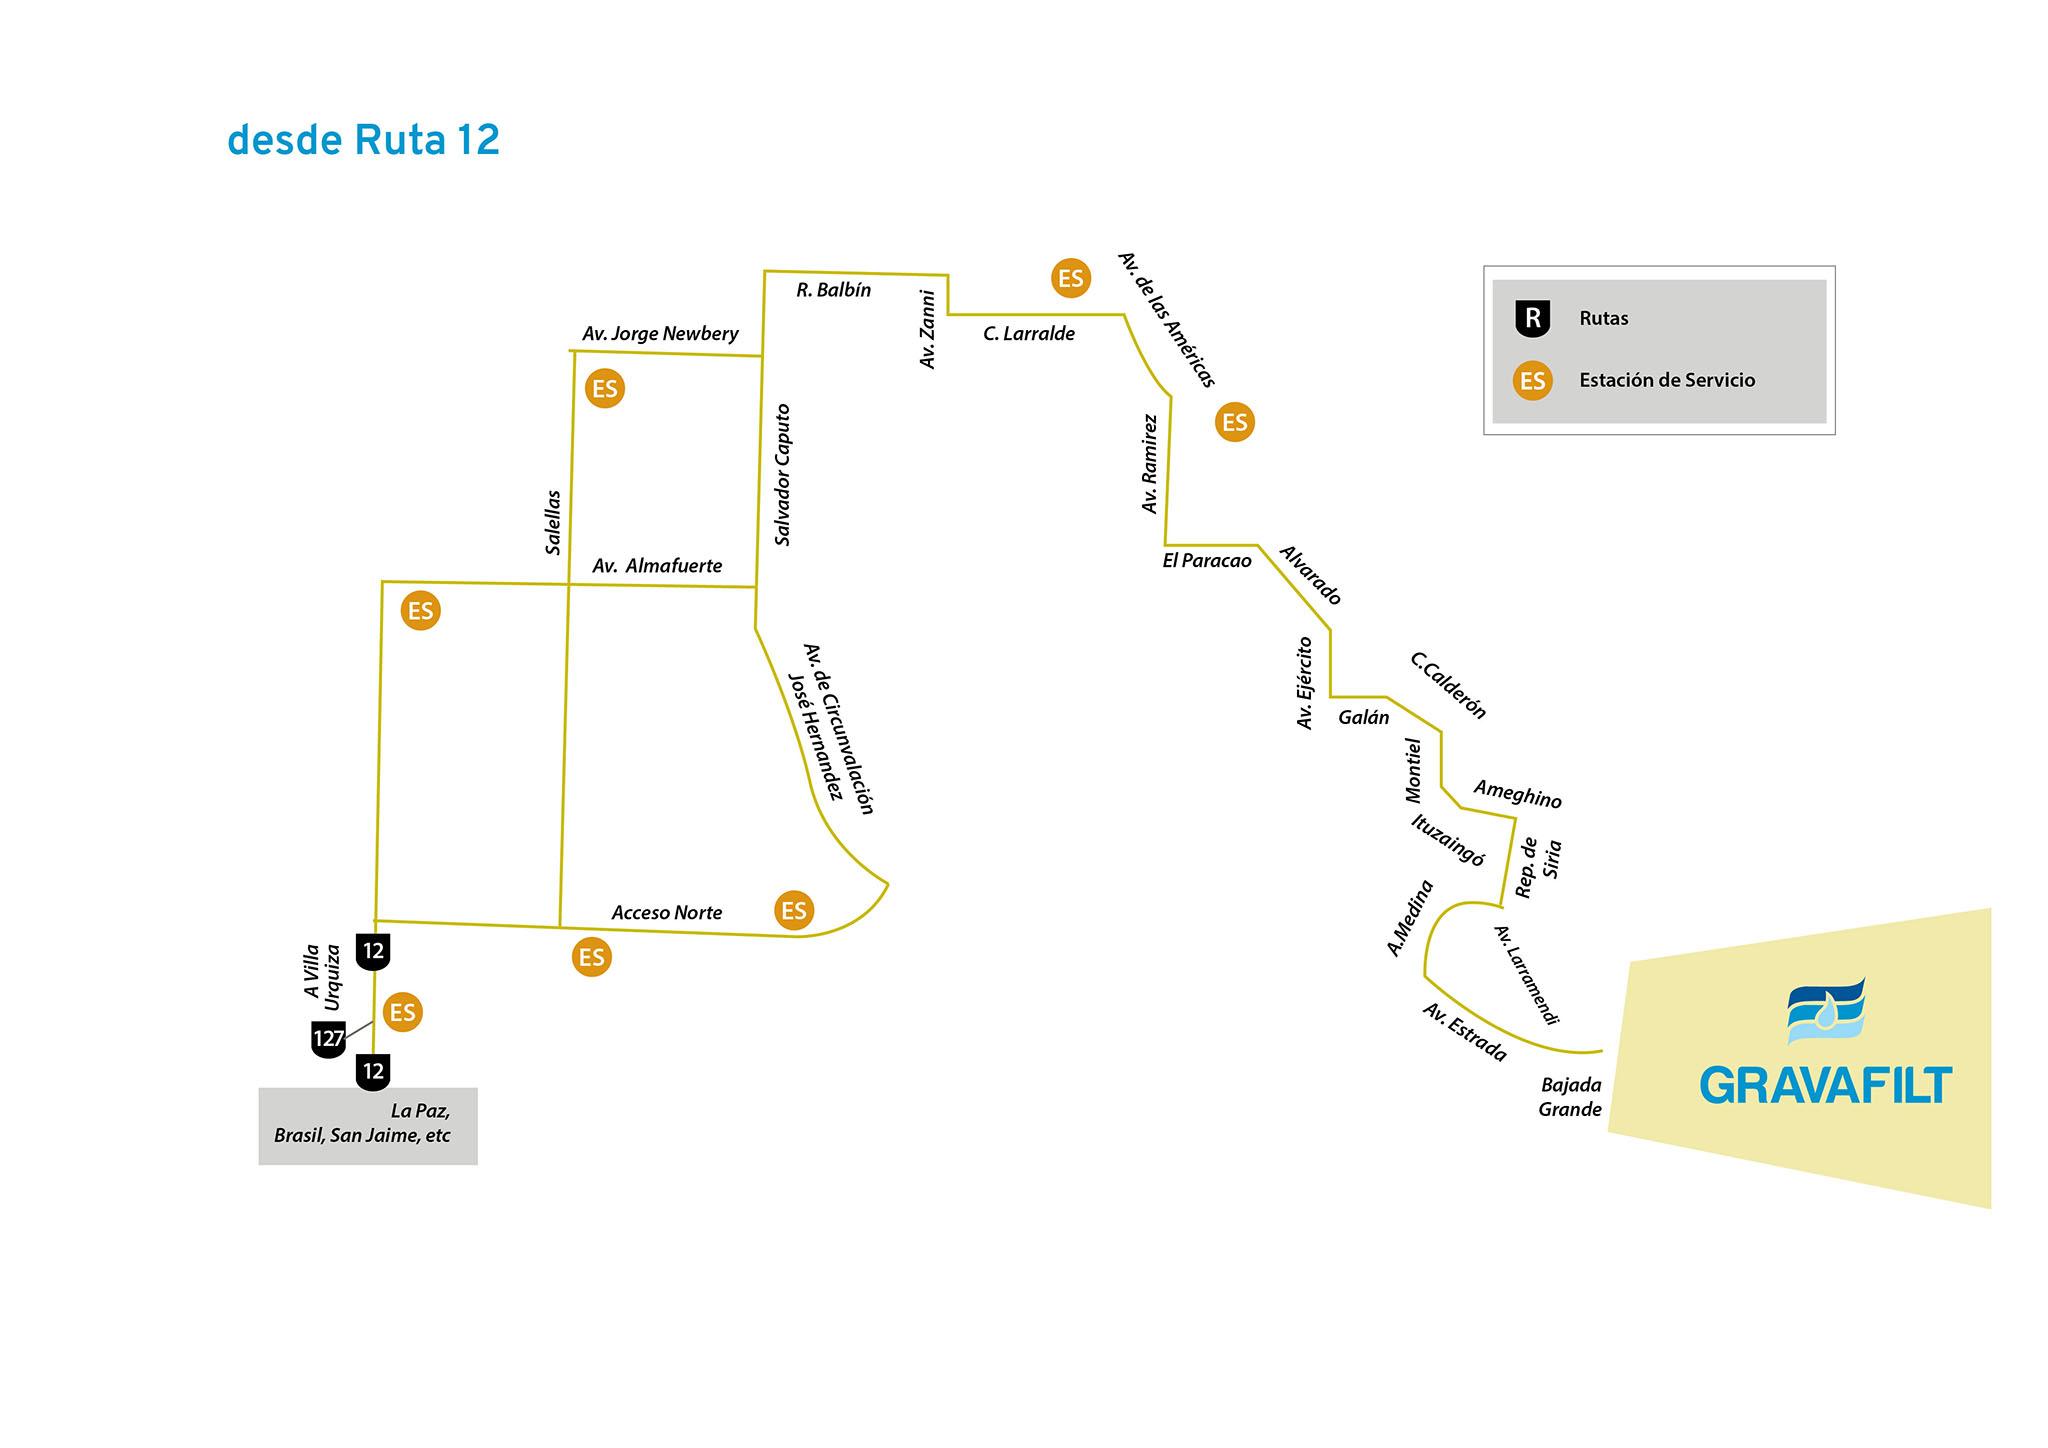 Mapa_Transito Pesado 2